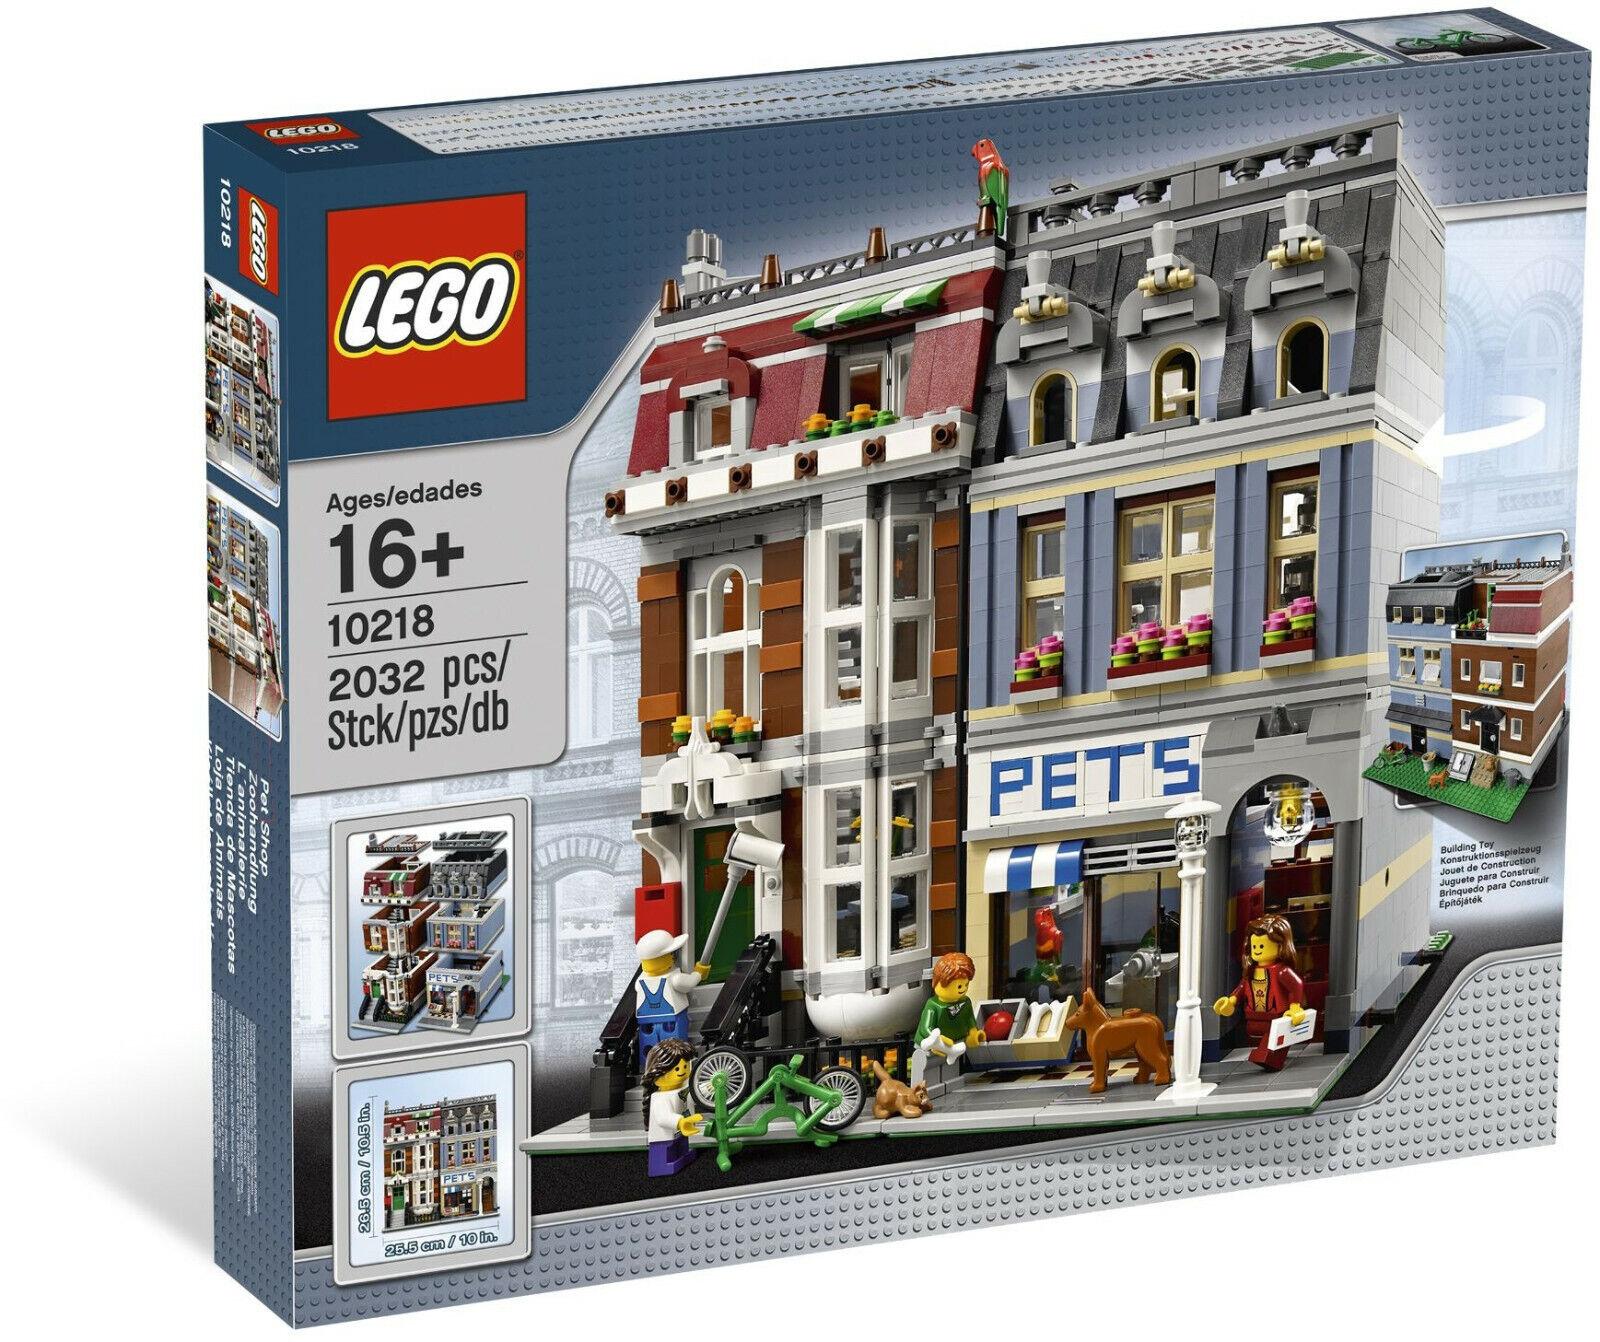 Lego 10218 Pet Shop  Collezione  Mai Aperto  Visita il mio Negozio